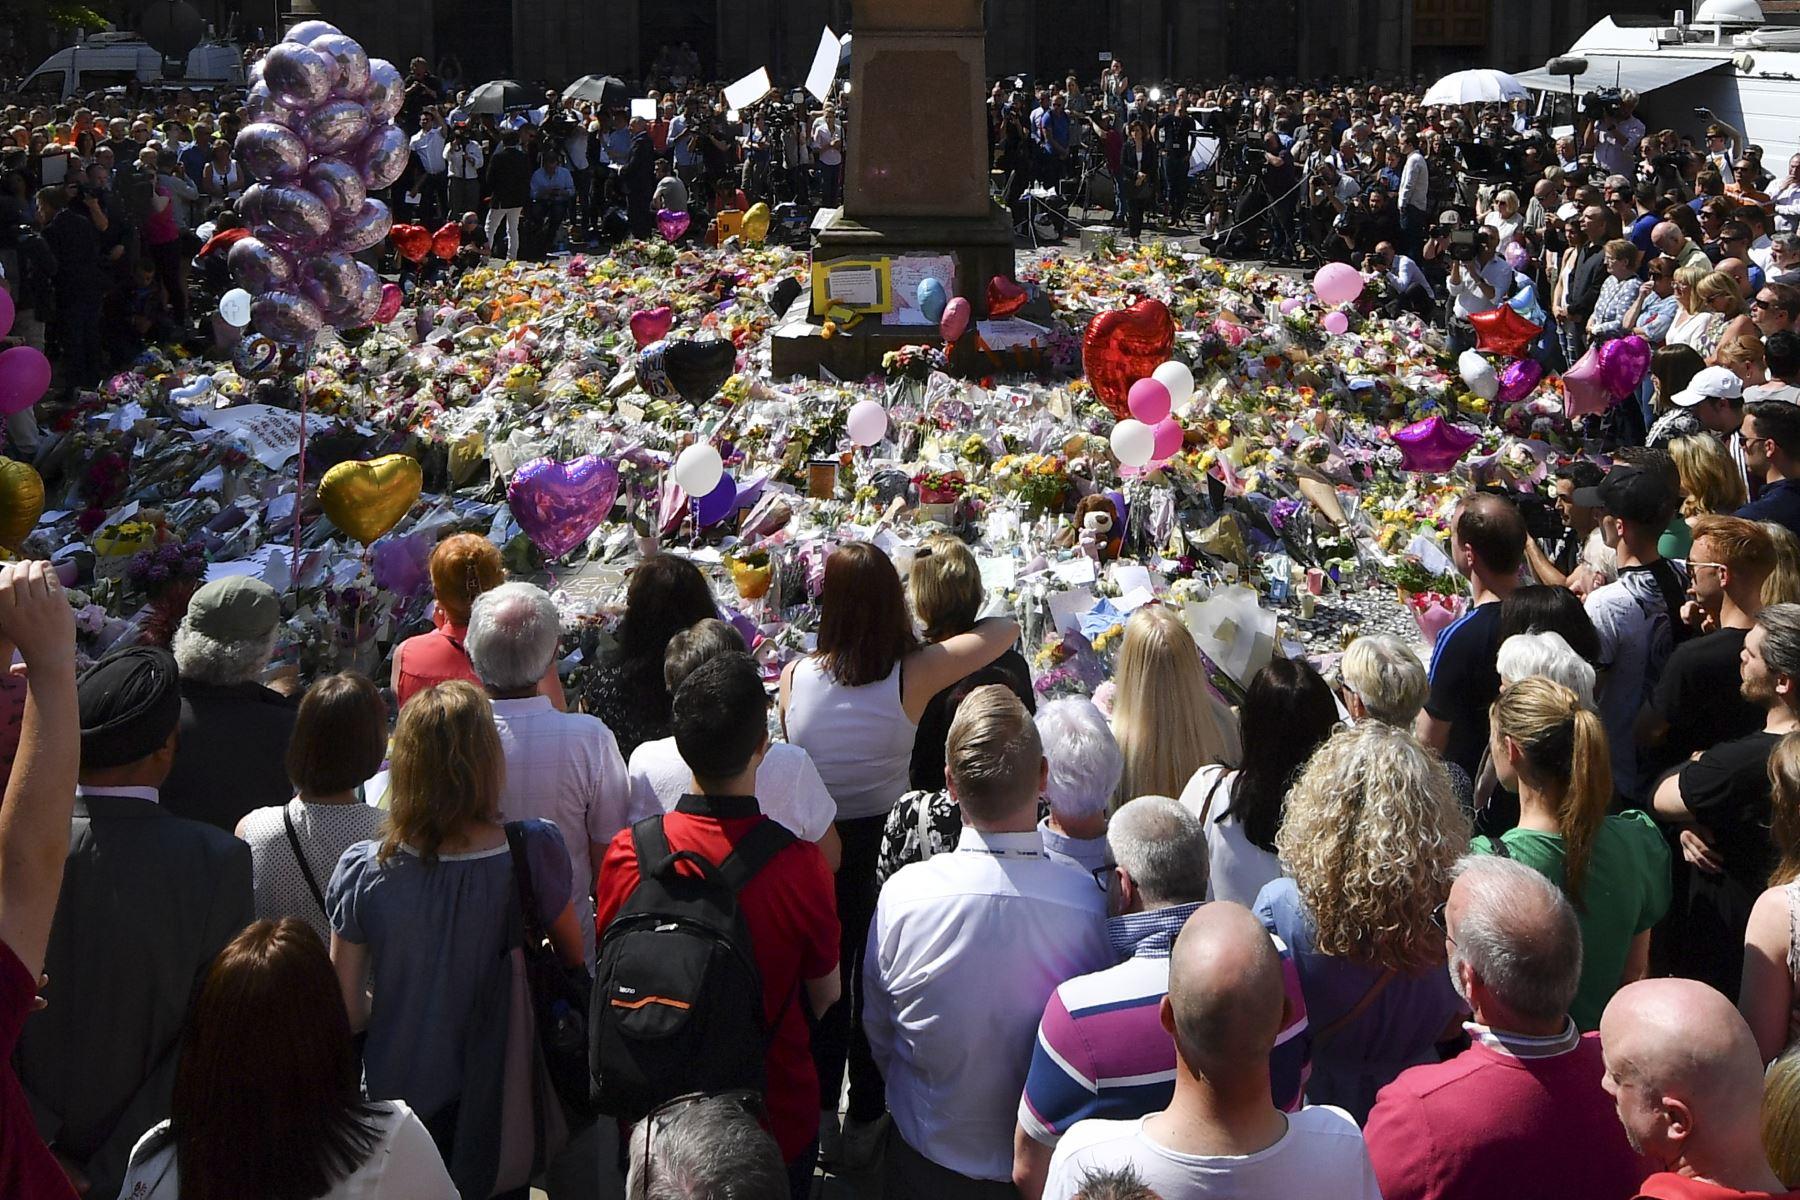 Personas hacen un minuto de silencio por las víctimas del atentado en Manchester. Foto: AFP.